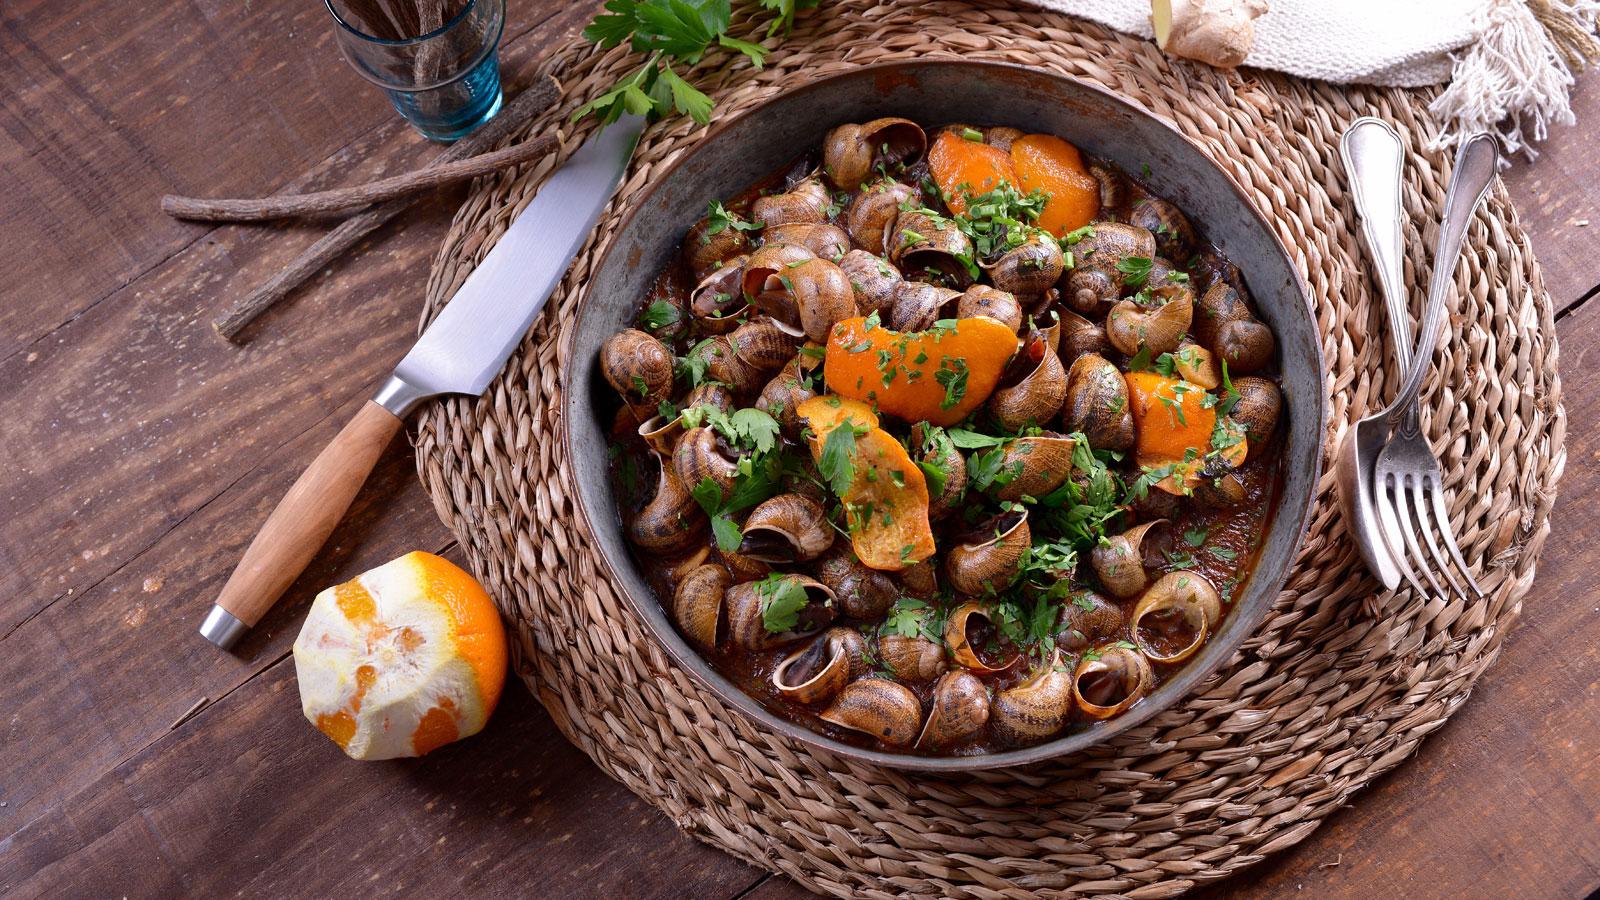 Cocina De Marruecos | Cocina Marroqui Programas Canal Cocina